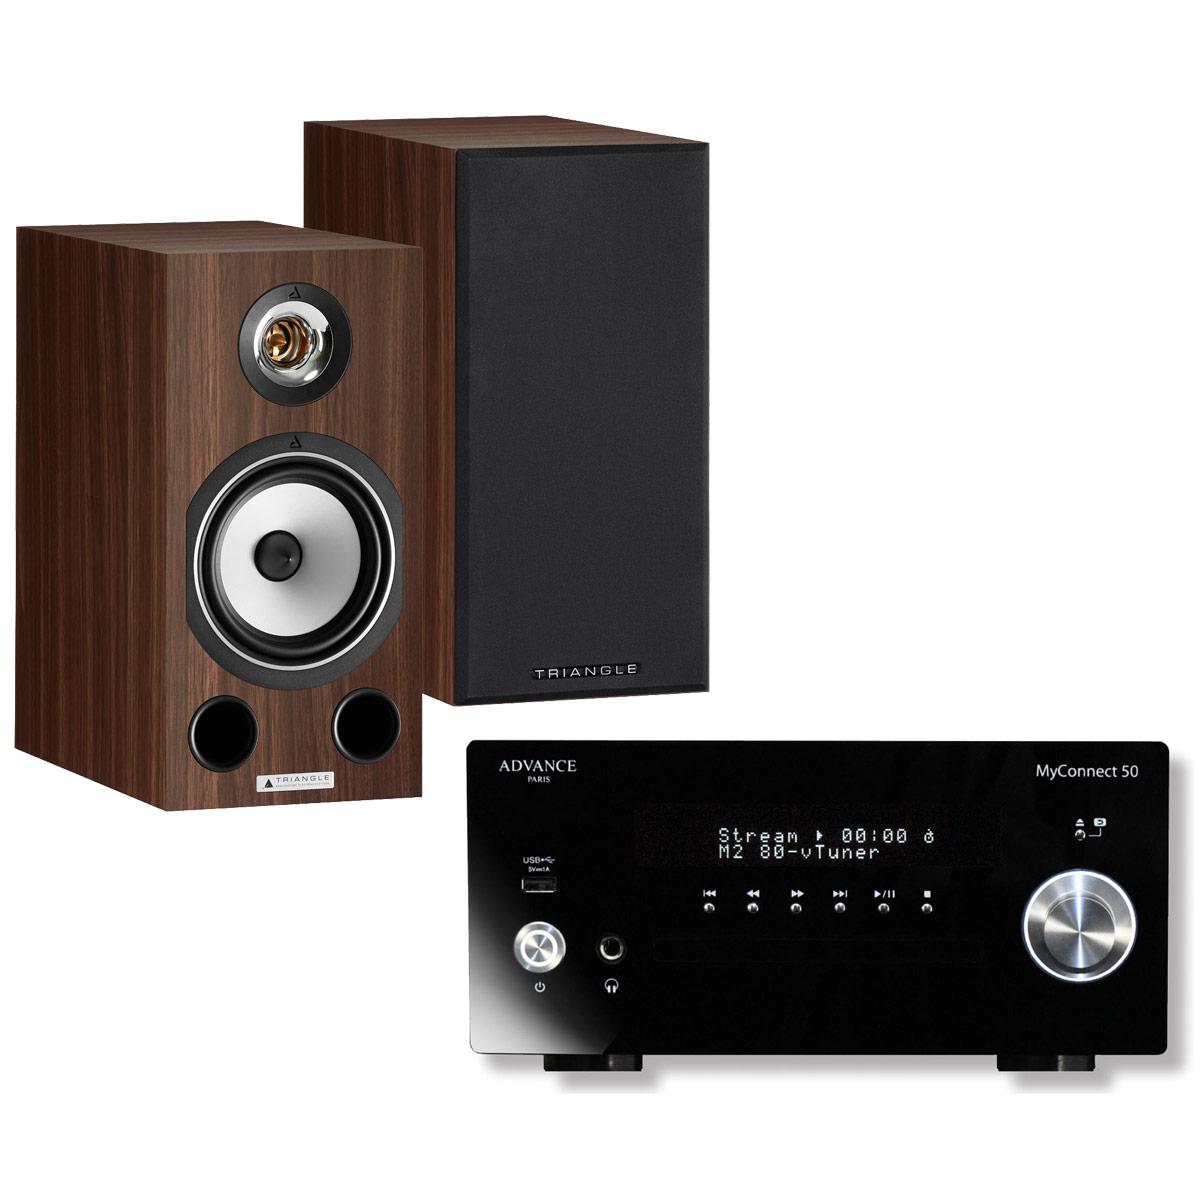 Chaîne Hifi Advance Acoustic MyConnect 50 + Triangle Comète Ez Noyer Micro-chaîne 2 x 70 Watts CD/FM - Wi-Fi/Bluetooth - AirPlay - Multiroom (sans haut-parleurs) + Enceinte bibliothèque compacte 80 W Bass-Reflex (par paire)